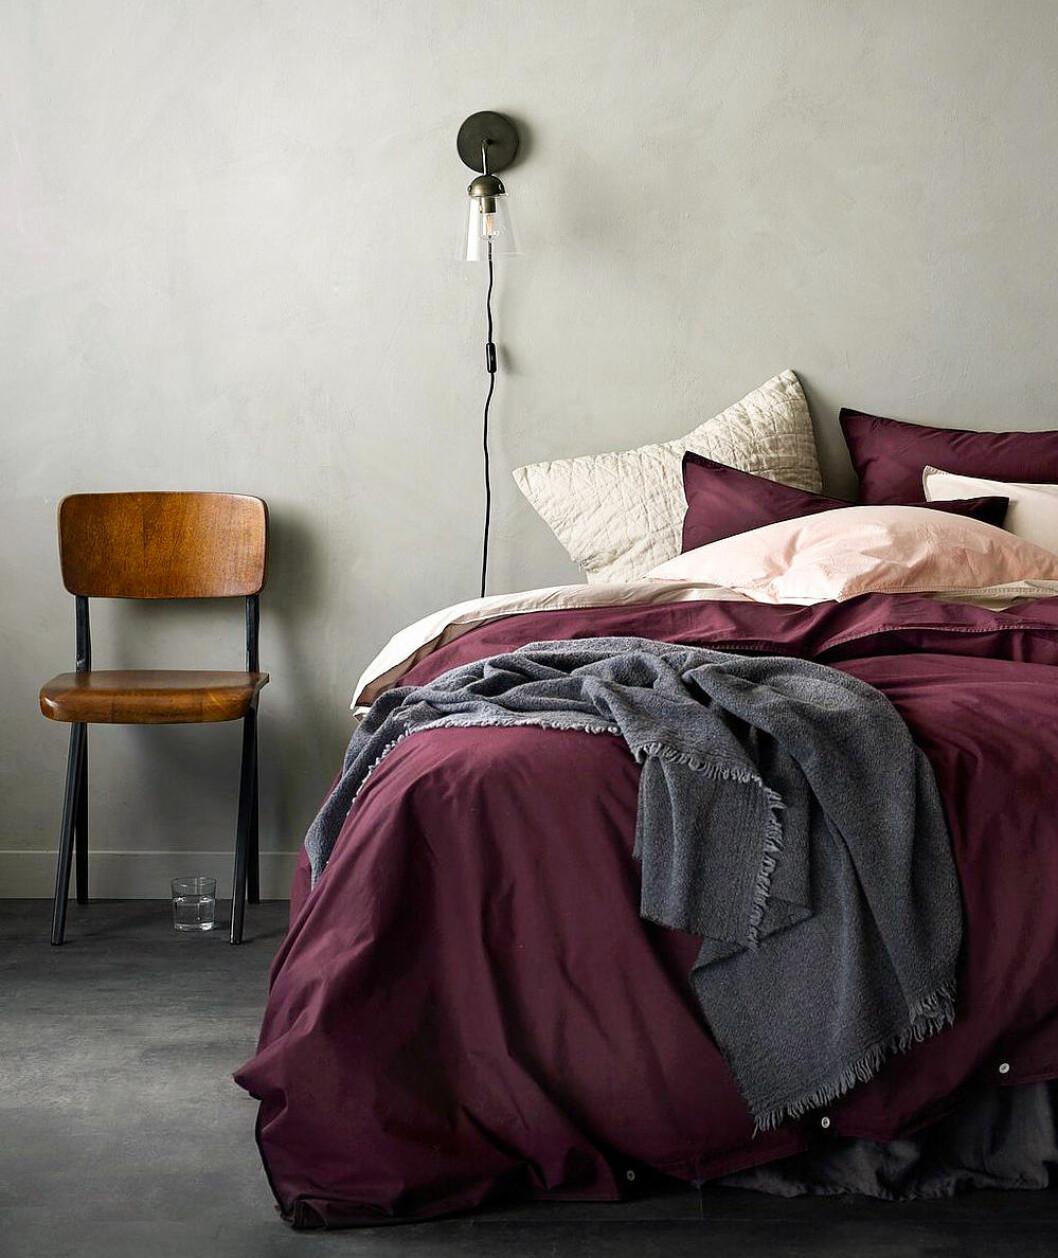 Färgglada sängkläder.